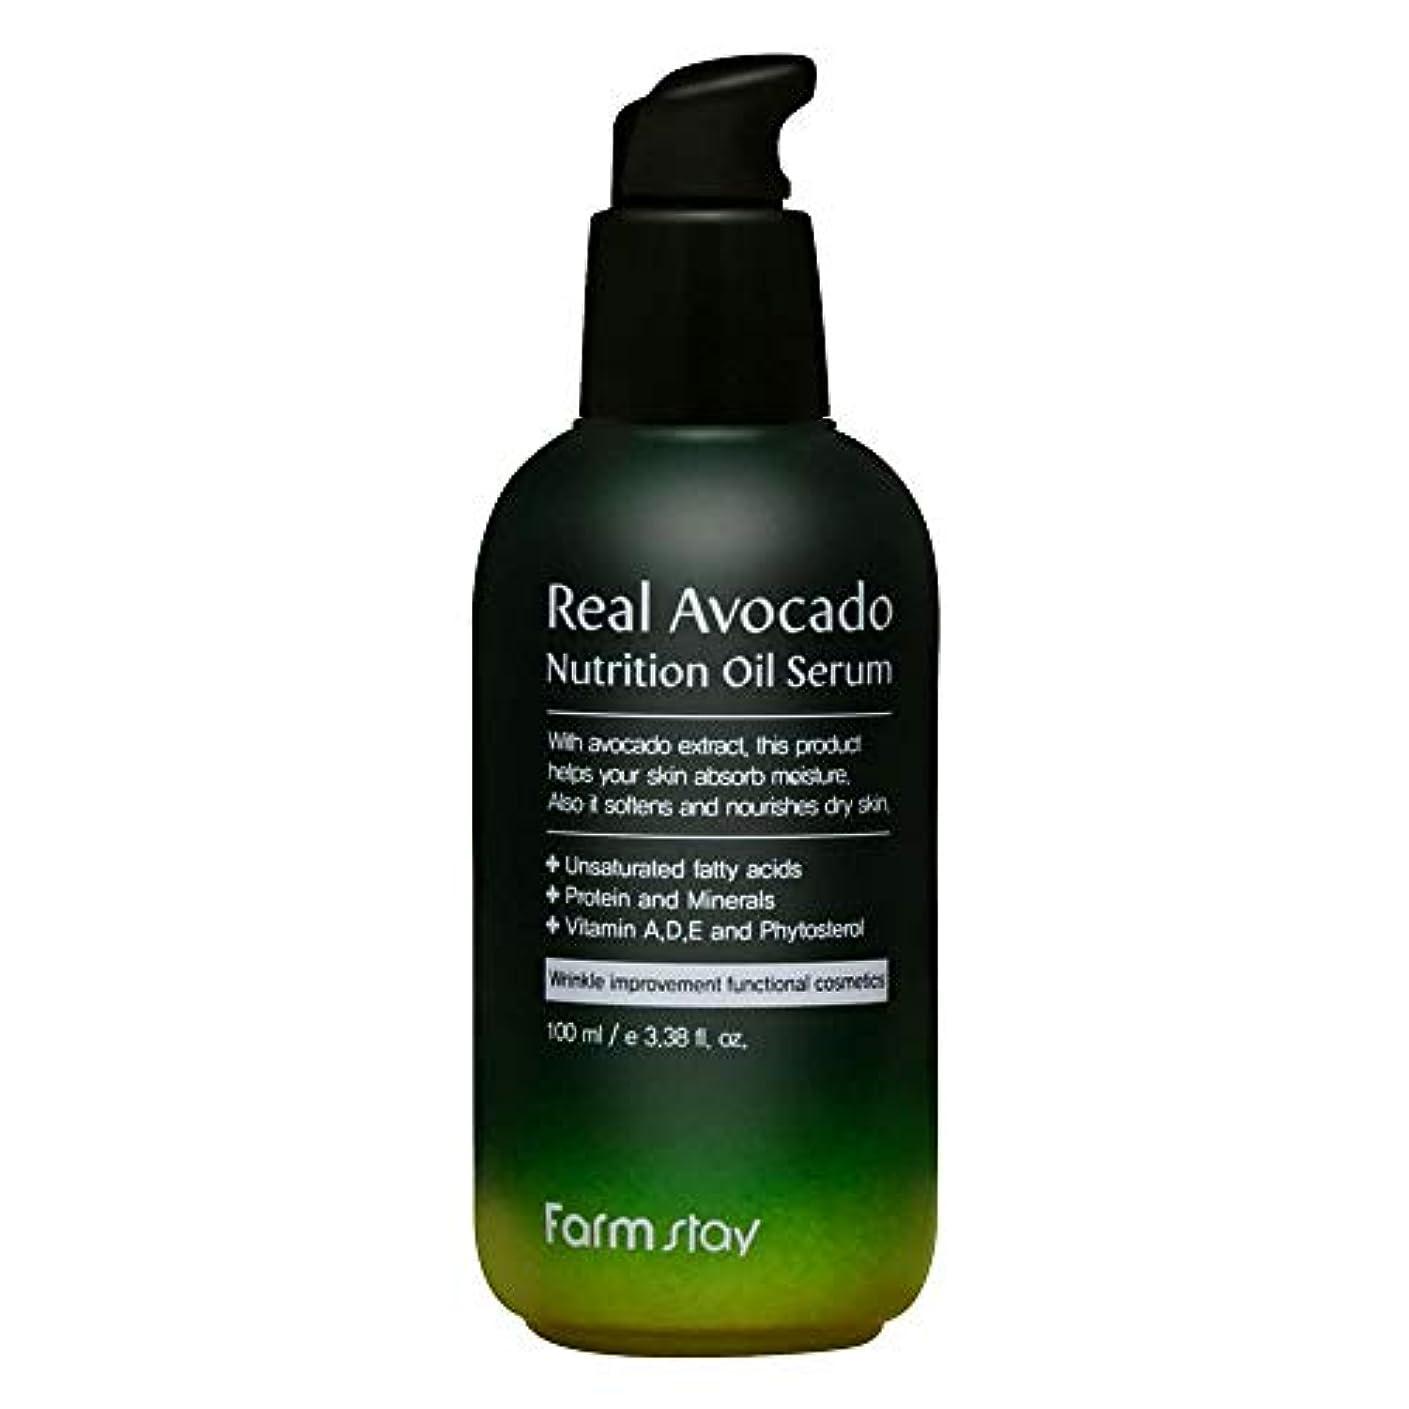 修羅場ブリッジスポーツファームステイ[Farm Stay] 本物のアボカド栄養オイルセラム 100ml / Real Avocado Nutrition Oil Serum